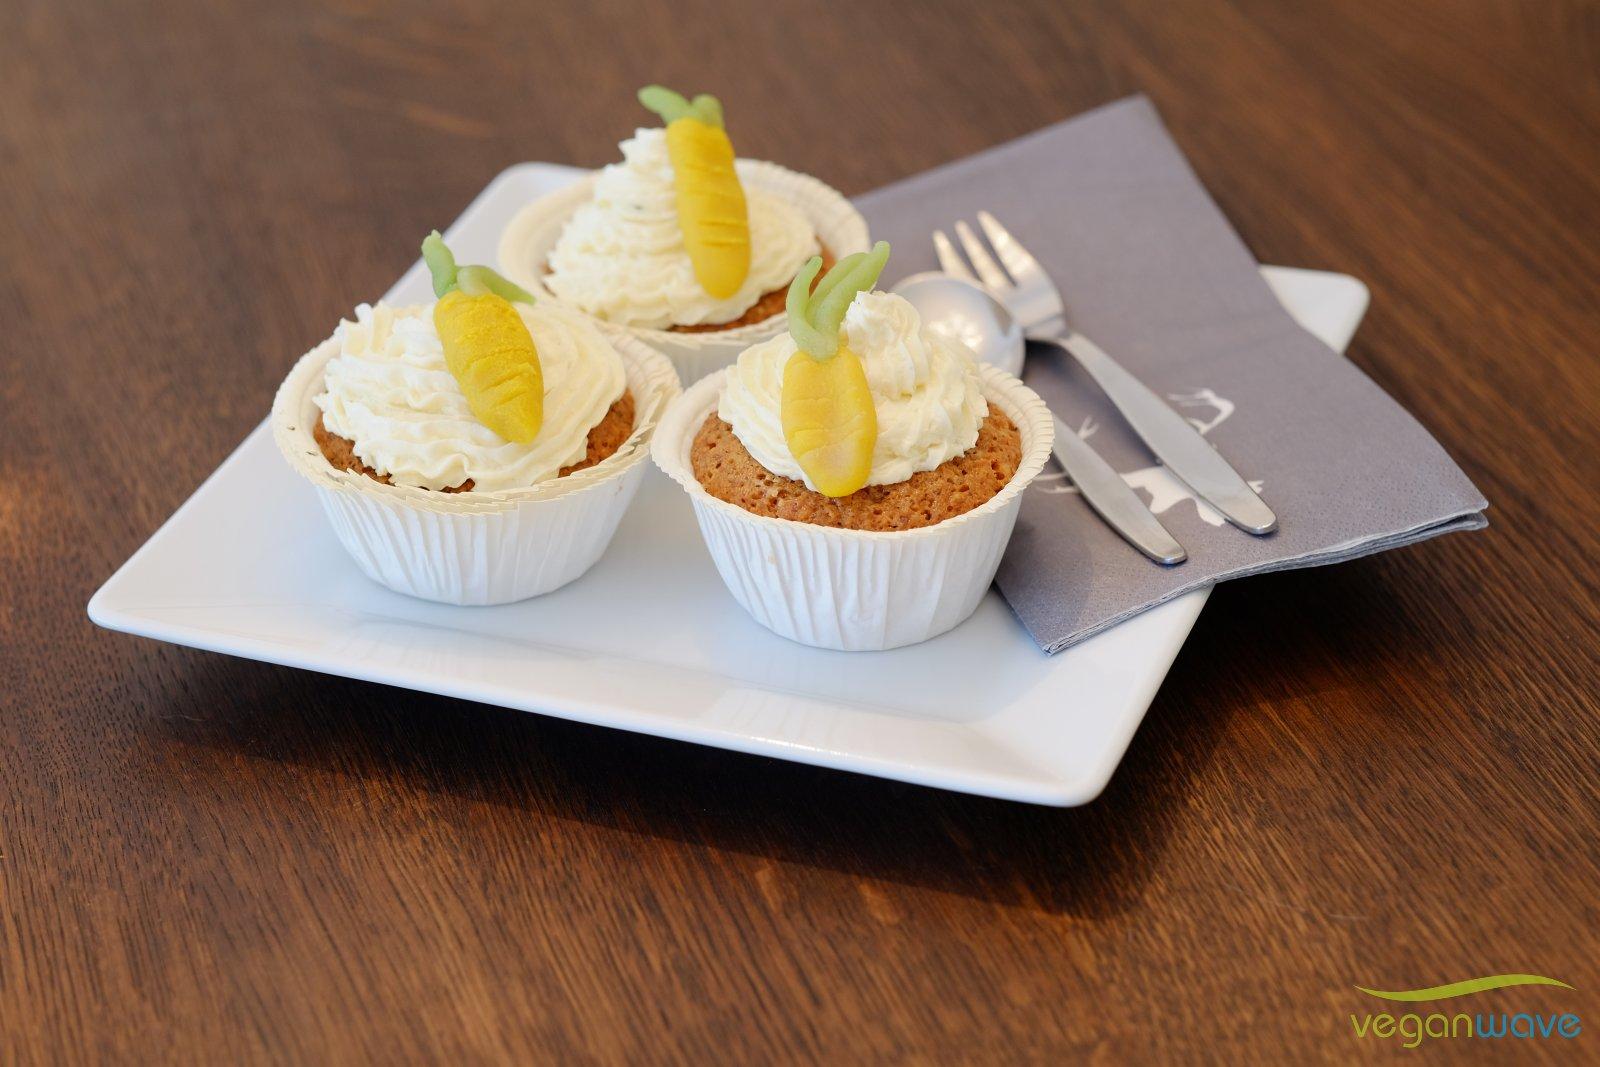 Muffins schmecken bestens noch am nächsten oder auch übernächsten Tag